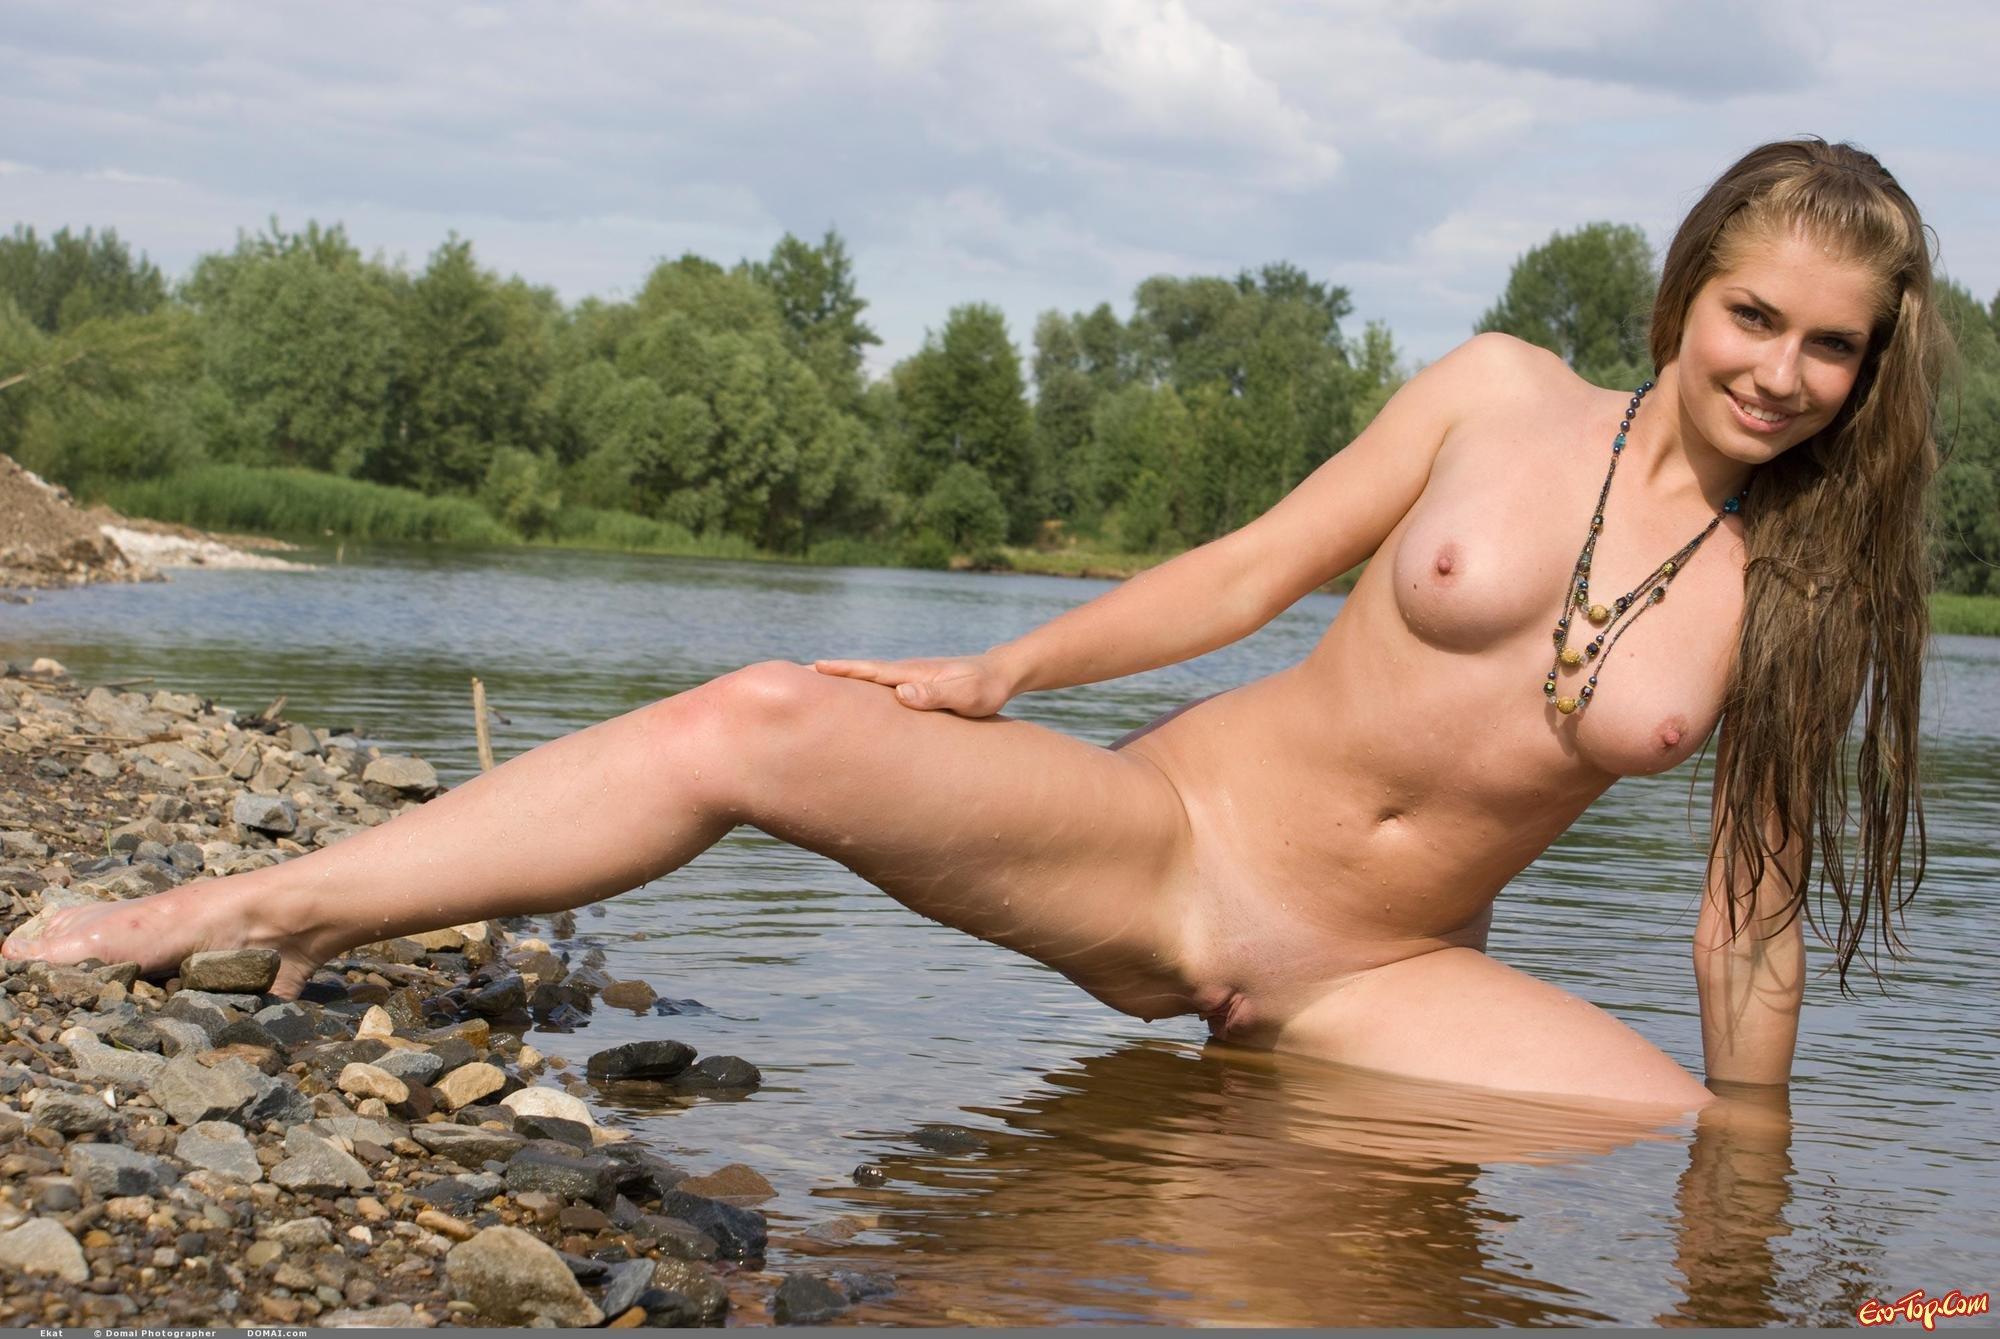 Обнаженная купается в реке